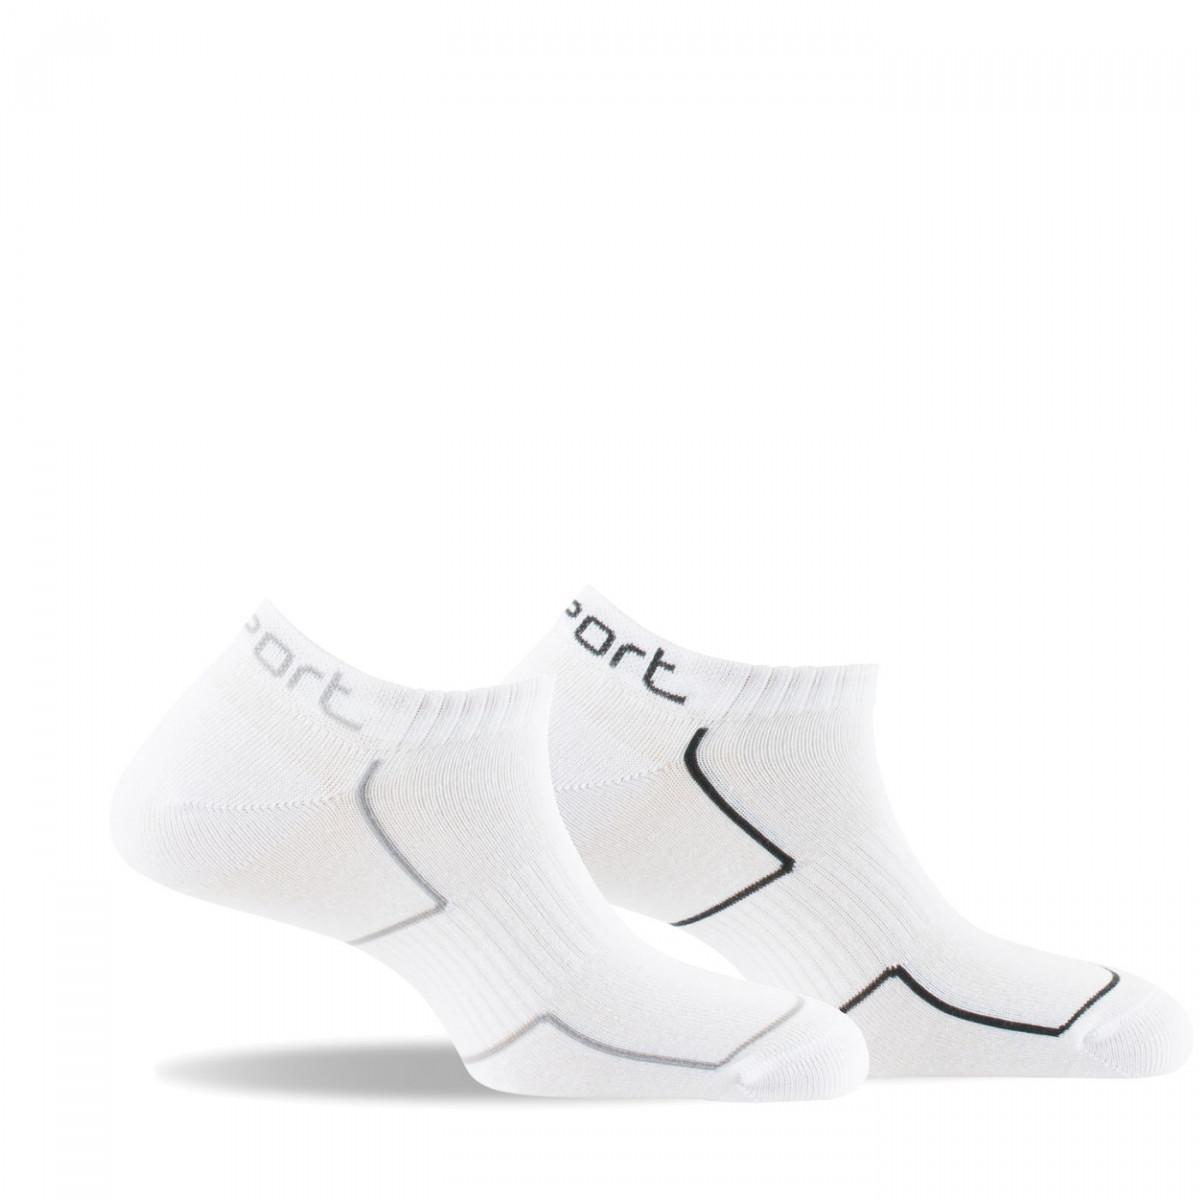 Color : A NYKK Chaussettes dhiver 5 Paires S/épar/ée Toe Chaussettes et Doigt Chaussettes de Coton color/é Cinq Doigts Chaussettes for Femmes et Filles en Cours dexercice